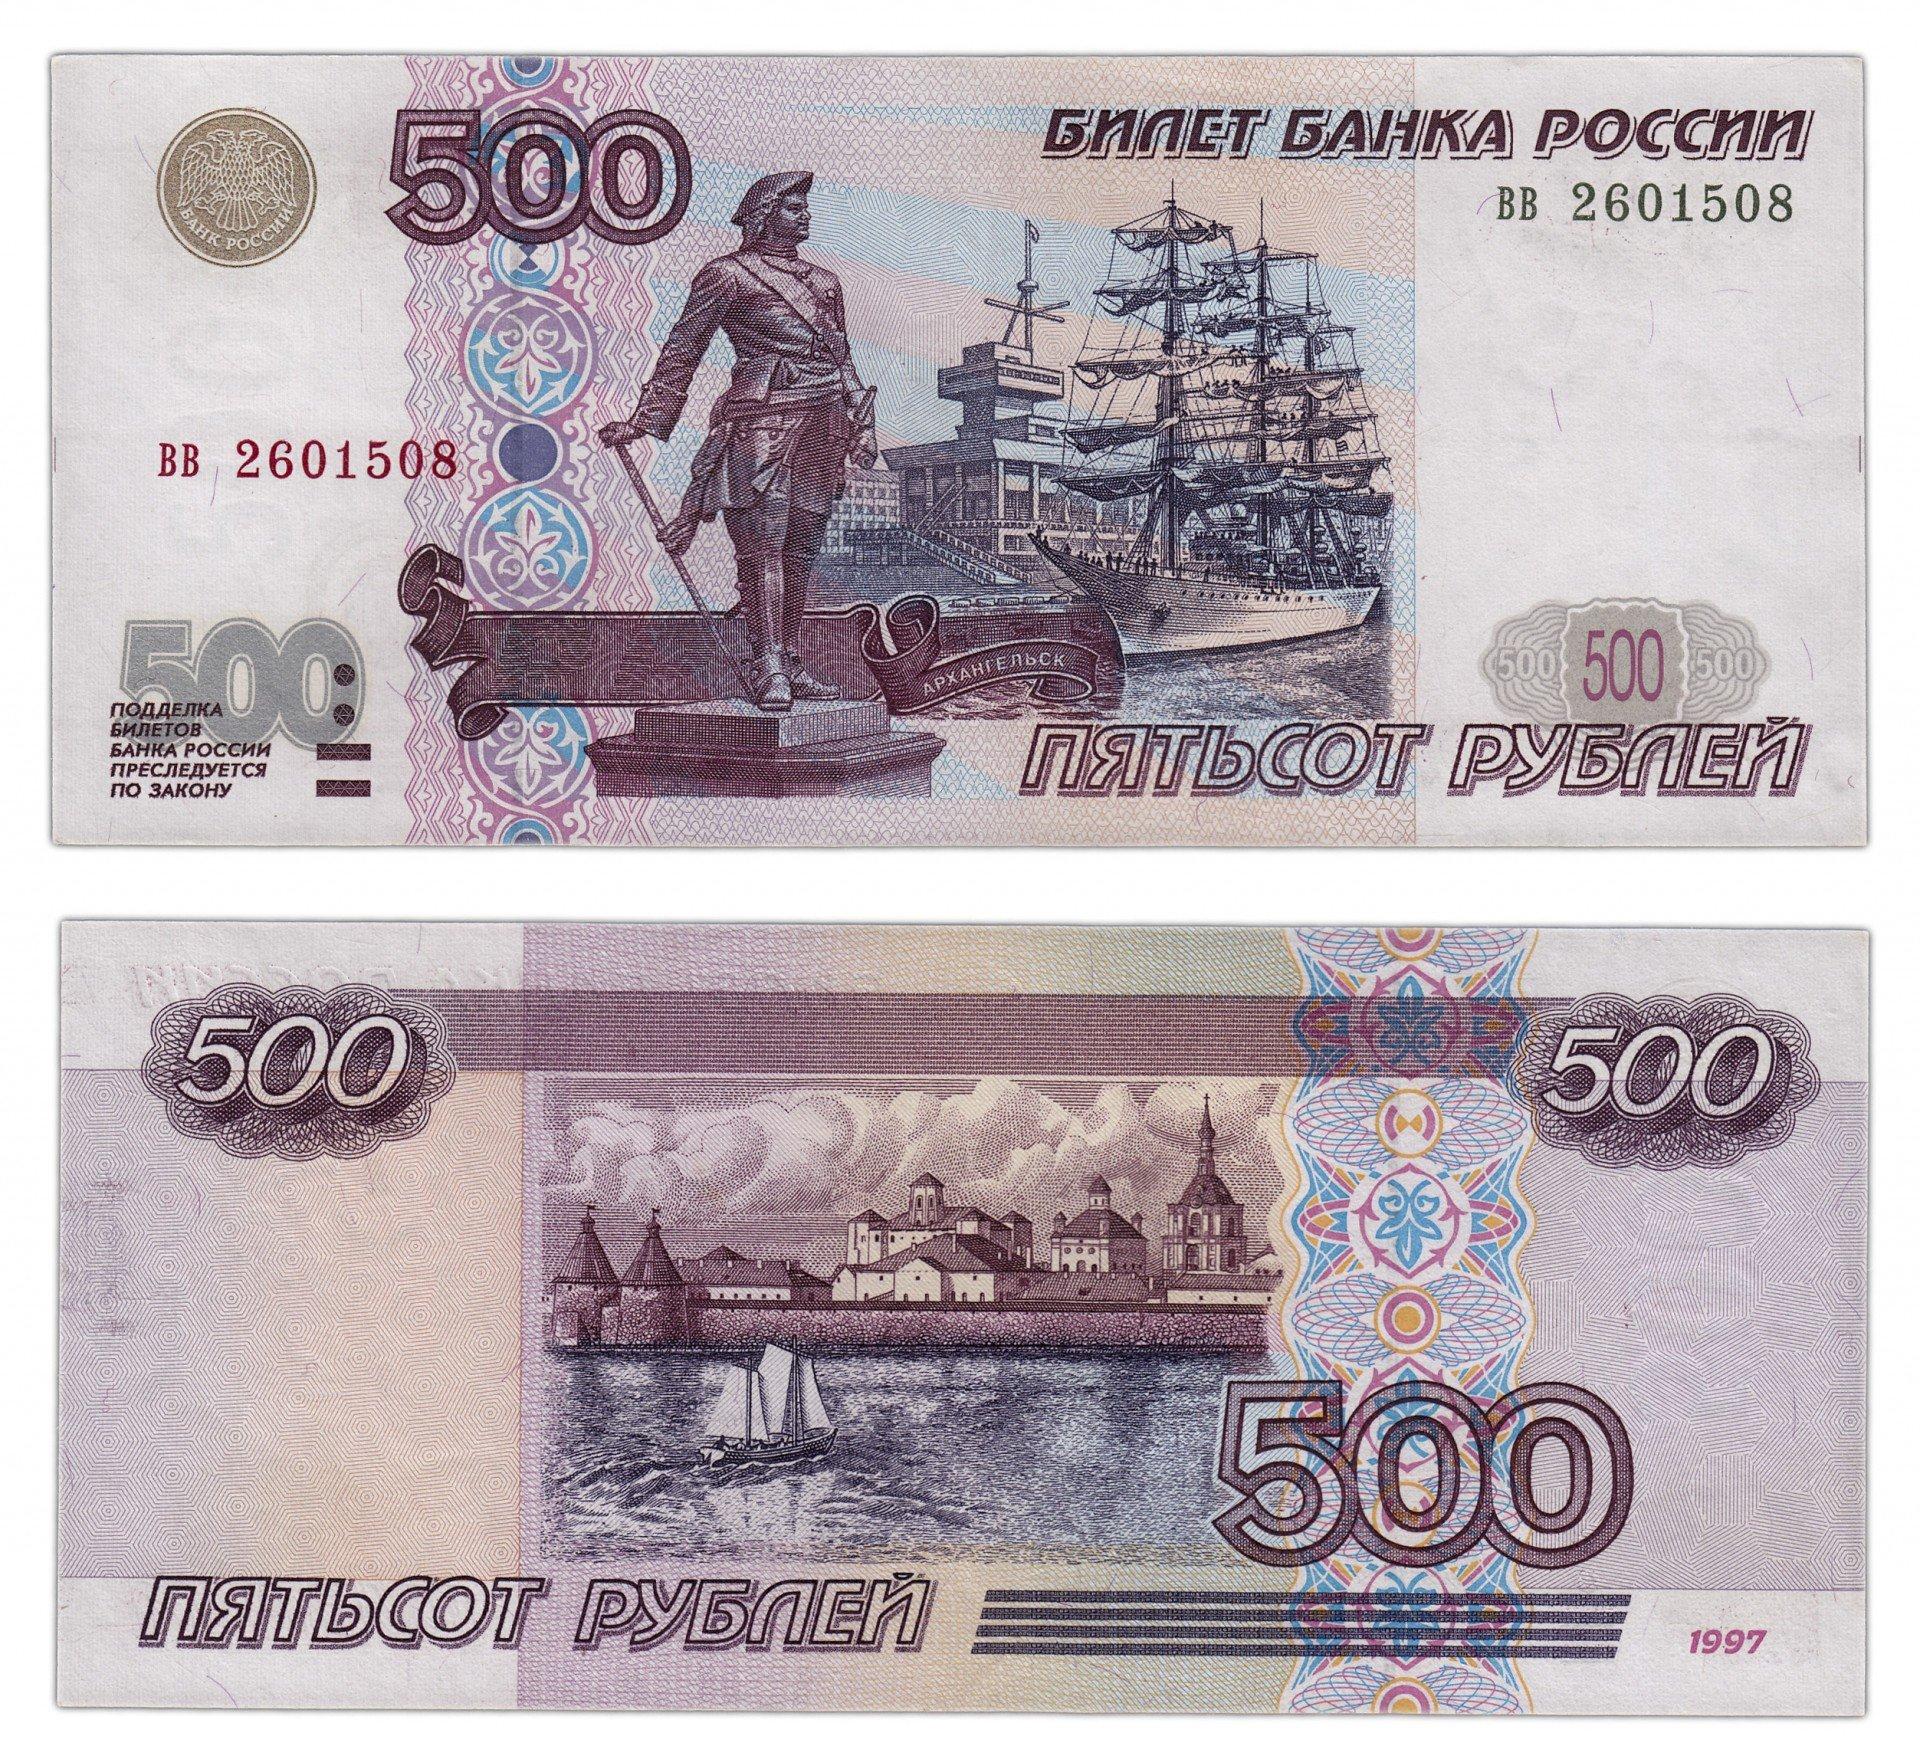 Купюра 500 рублей: распечатать с двух сторон в качестве